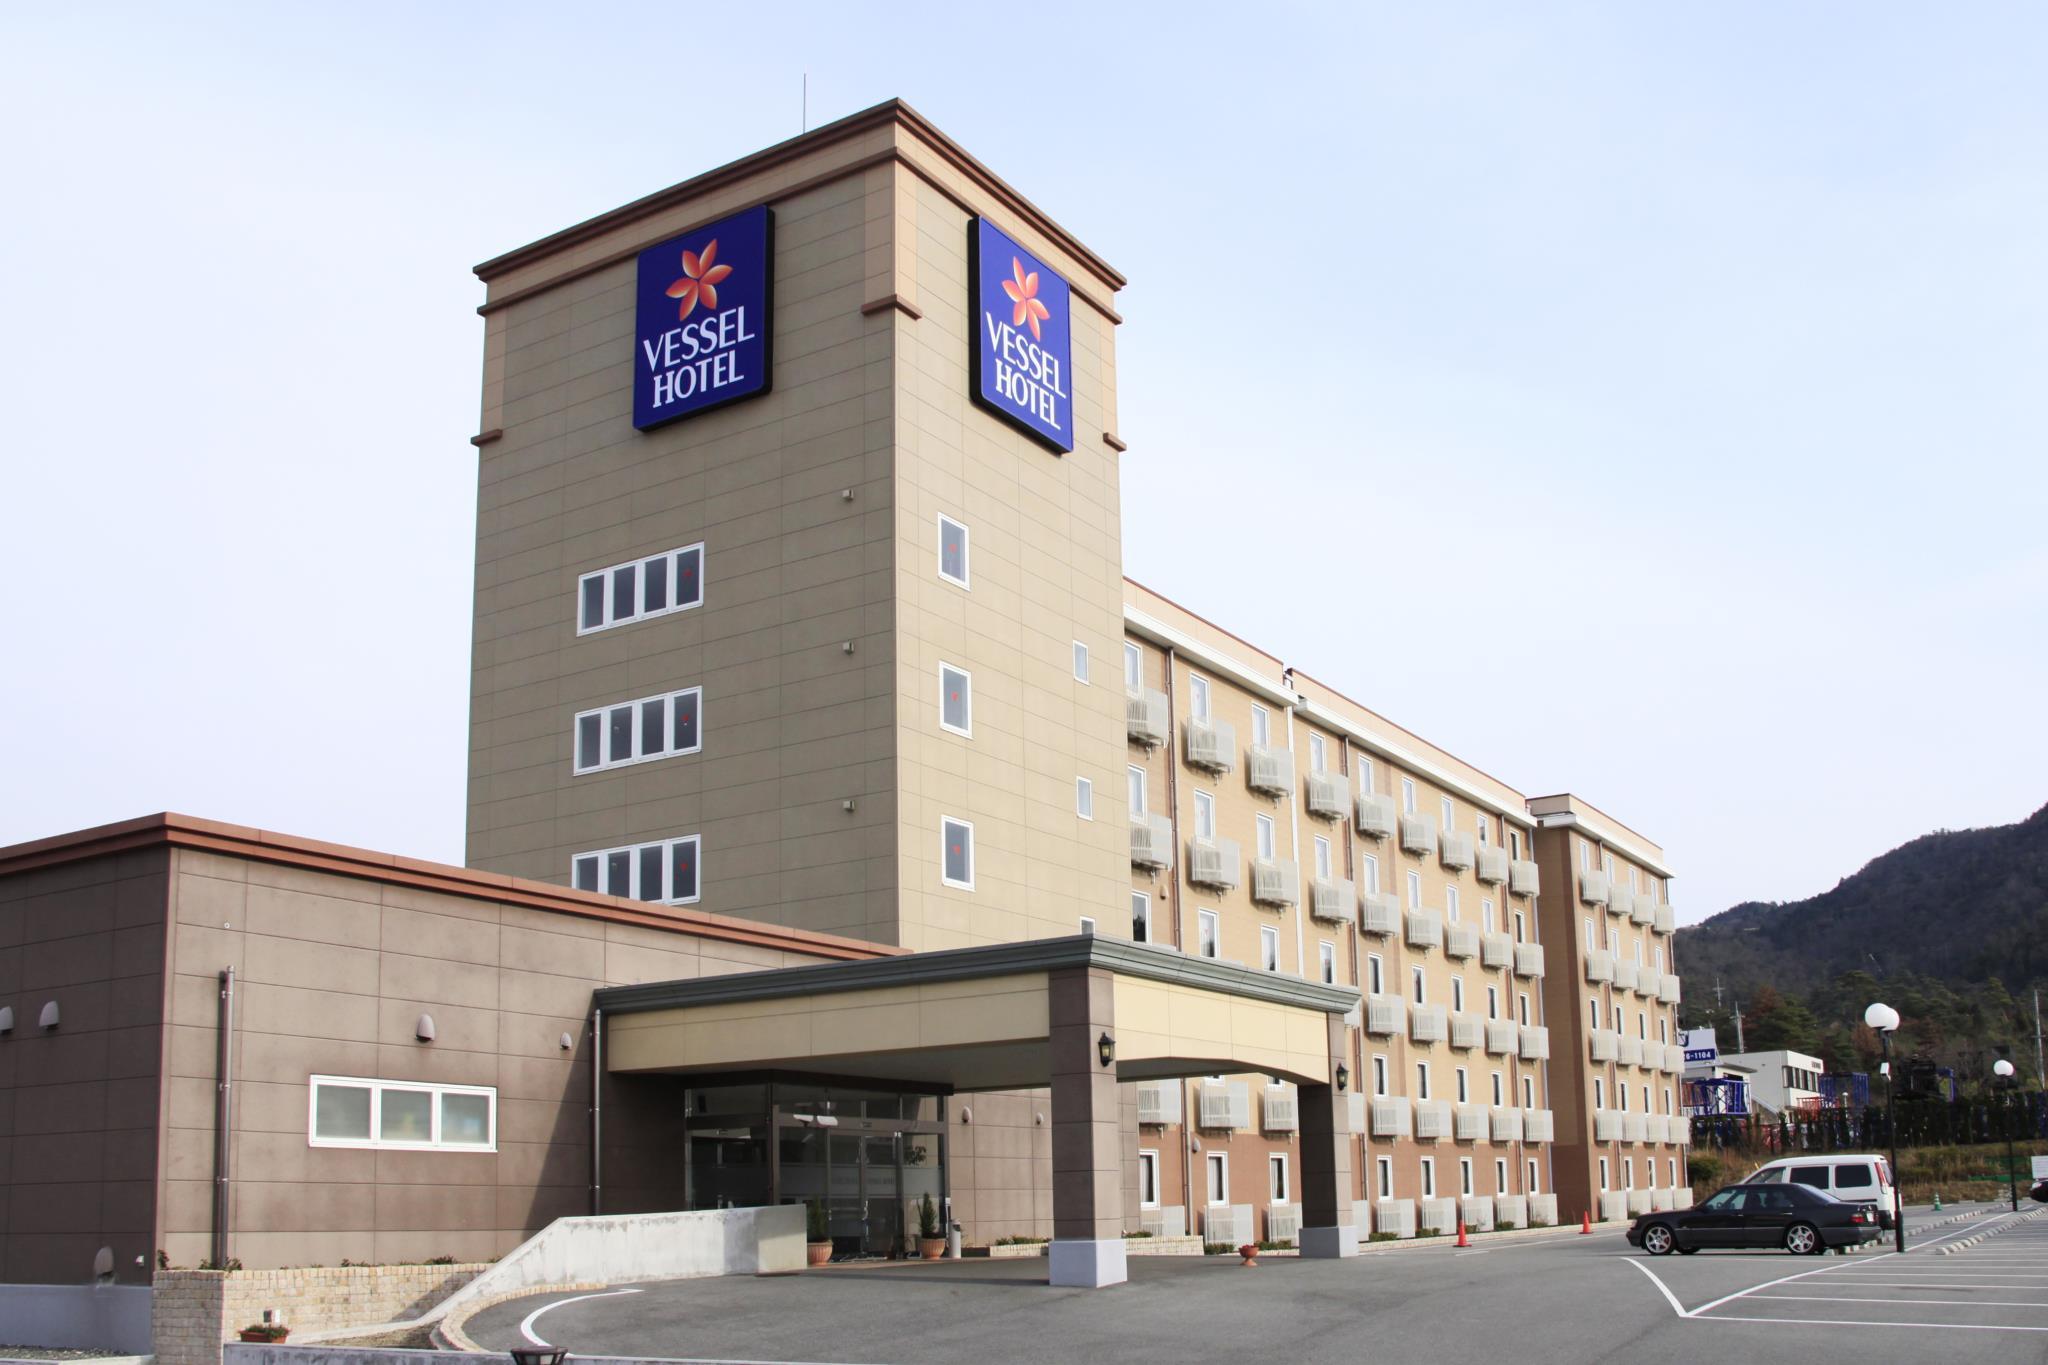 Vessel Hotel Higashi Hiroshima